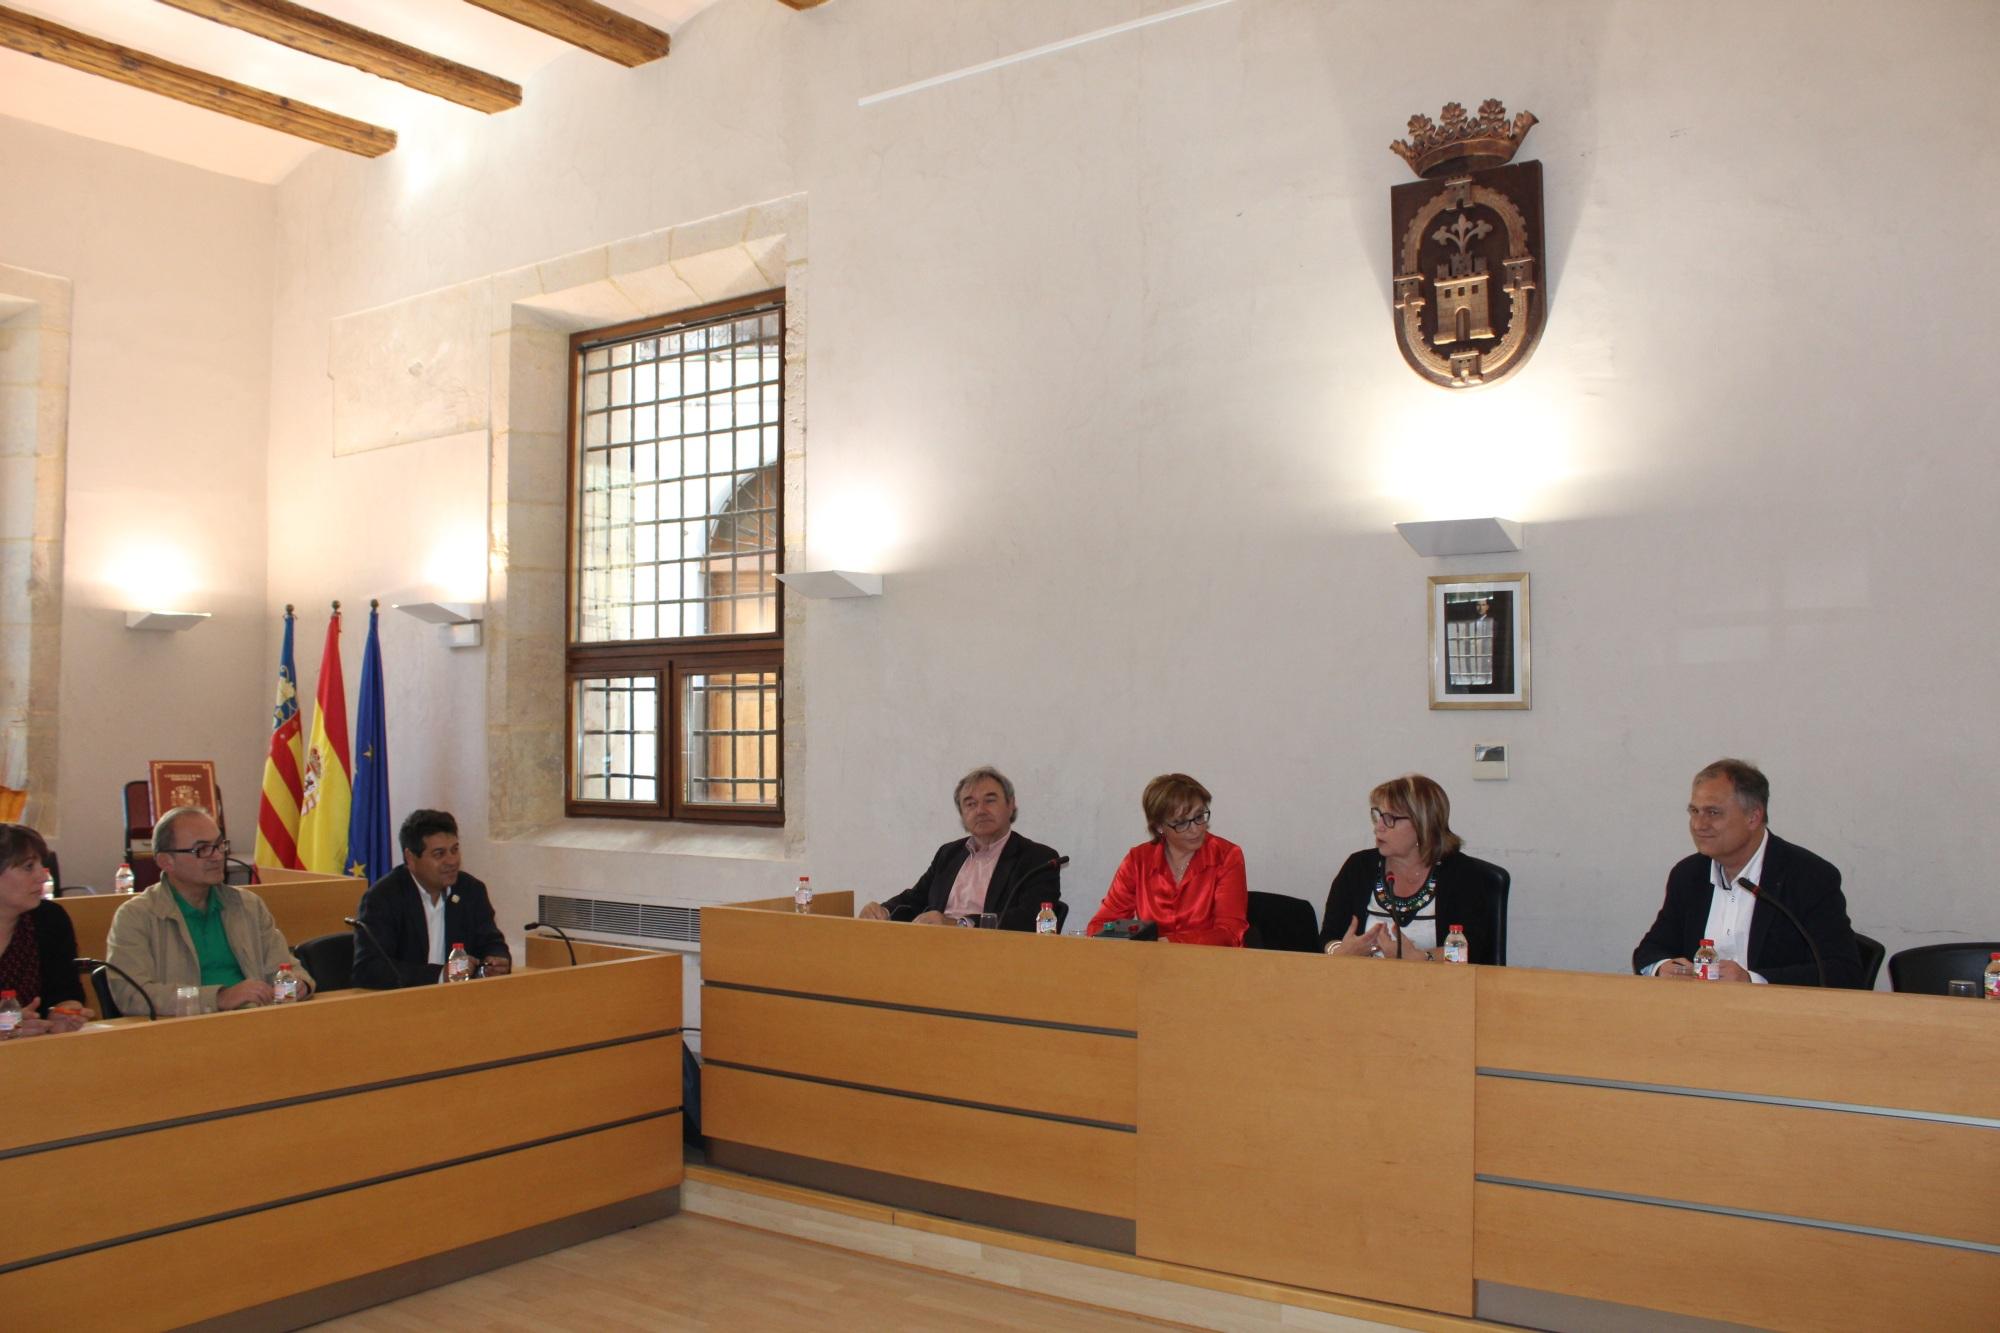 La diputada Conxa Garcia con los alcaldes de Camp de Turia.